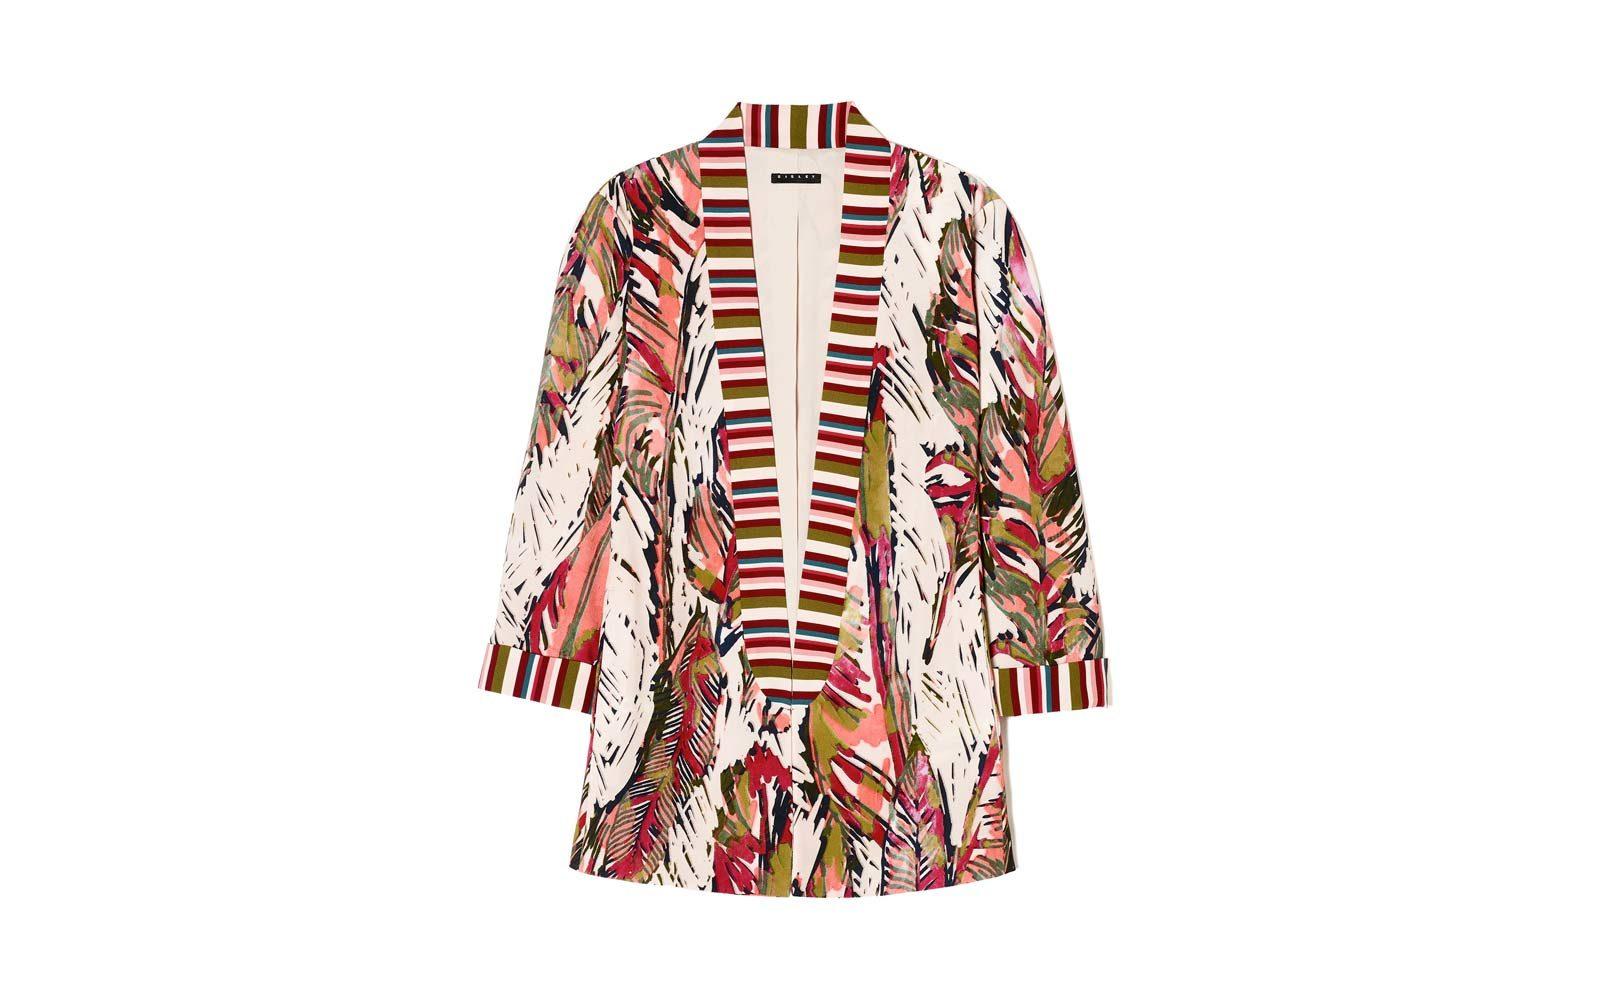 Sisley – giacca a righe e stampa palme (a partire da euro 114)